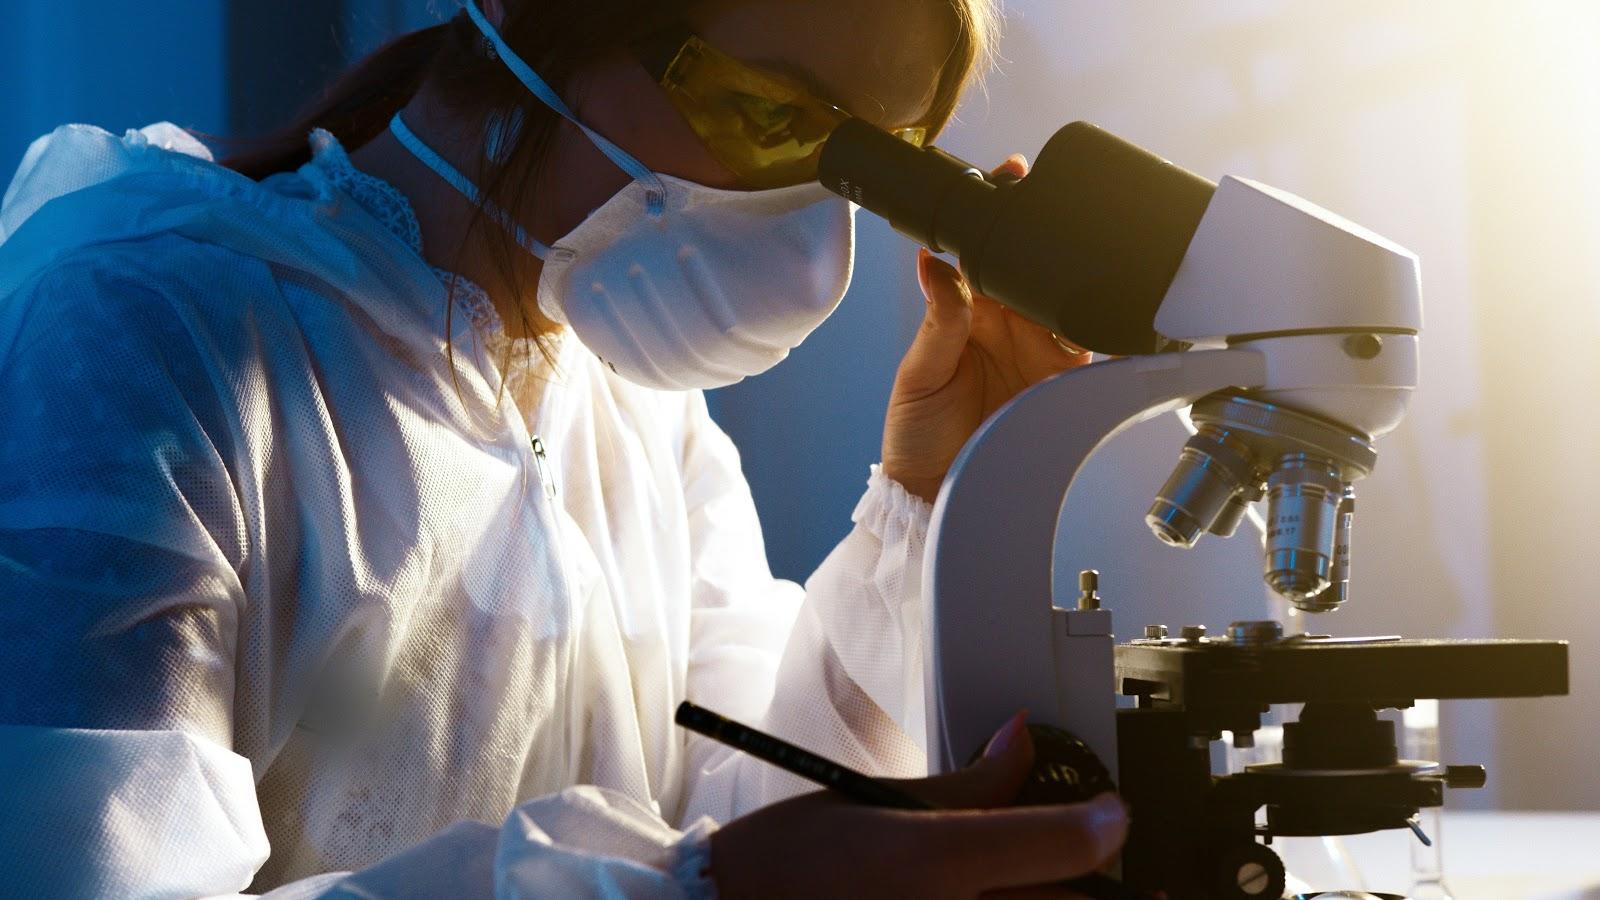 O inibidor K777 apresentou resultados promissores quando testado em laboratório para inibir infecção por Covid-19. (Fonte: Pexels)